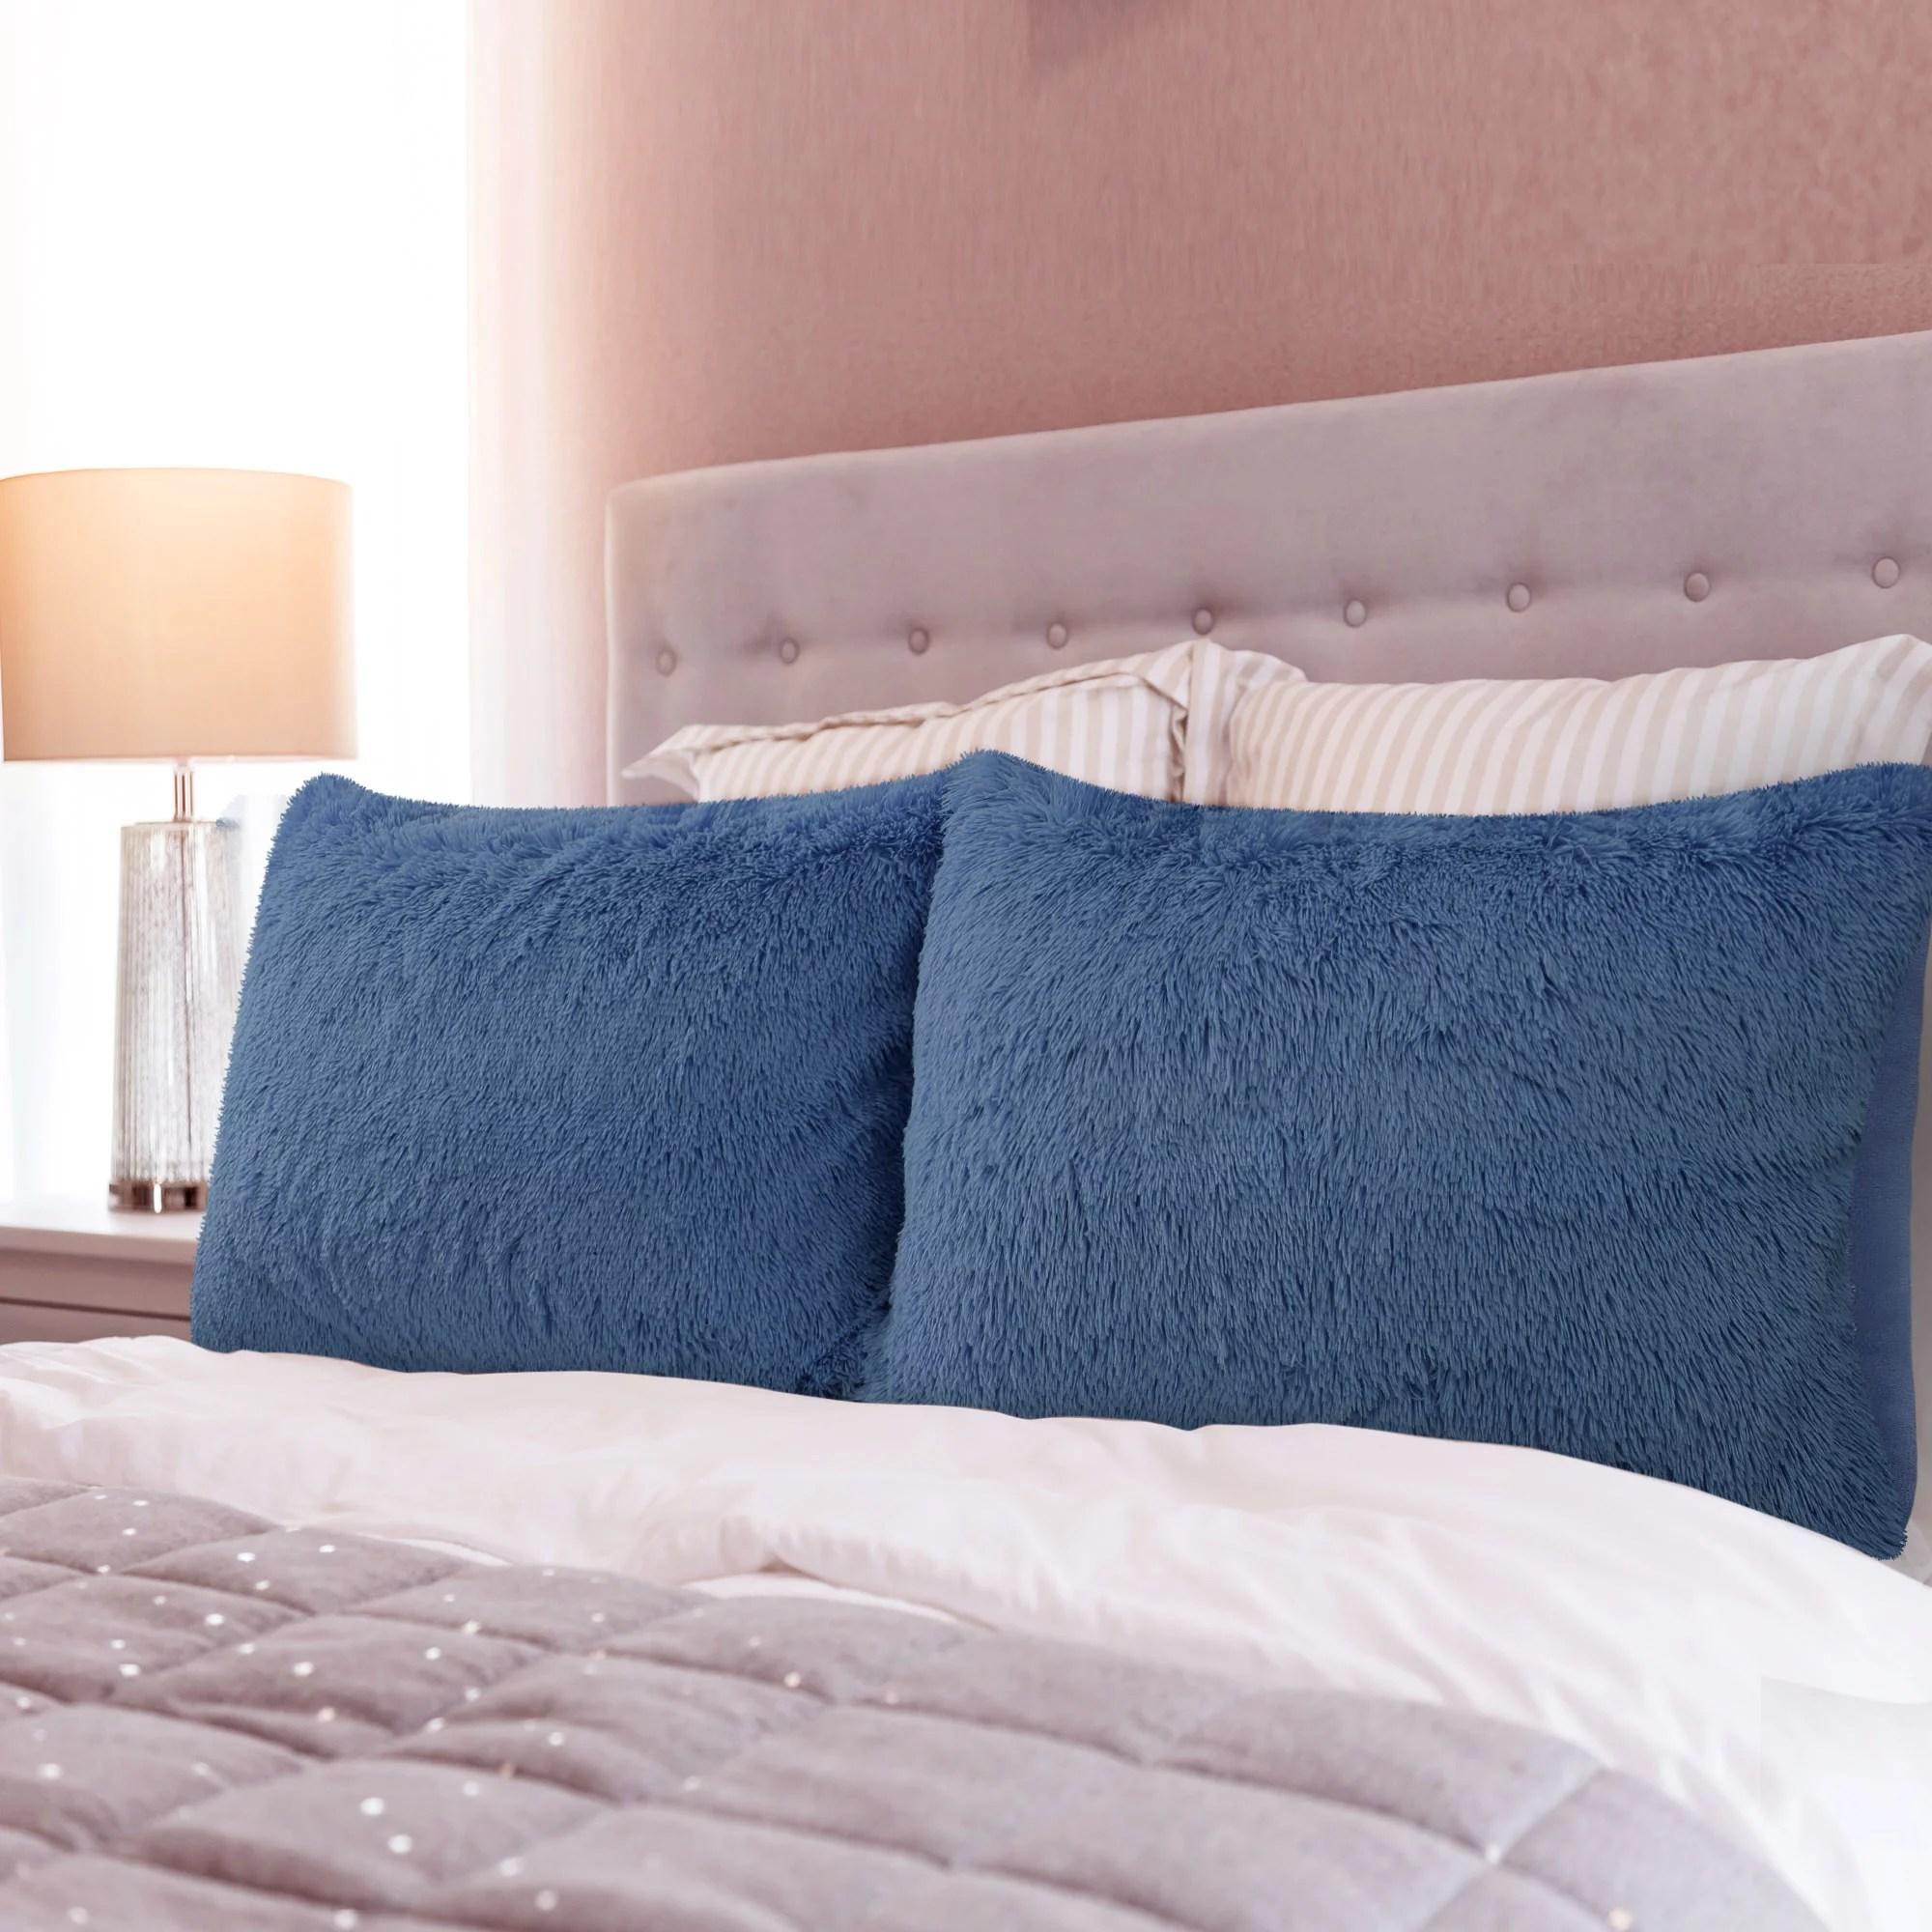 piccocasa 2pcs soft faux fur velvet pillow cases with zipper black queen 20x30 inch